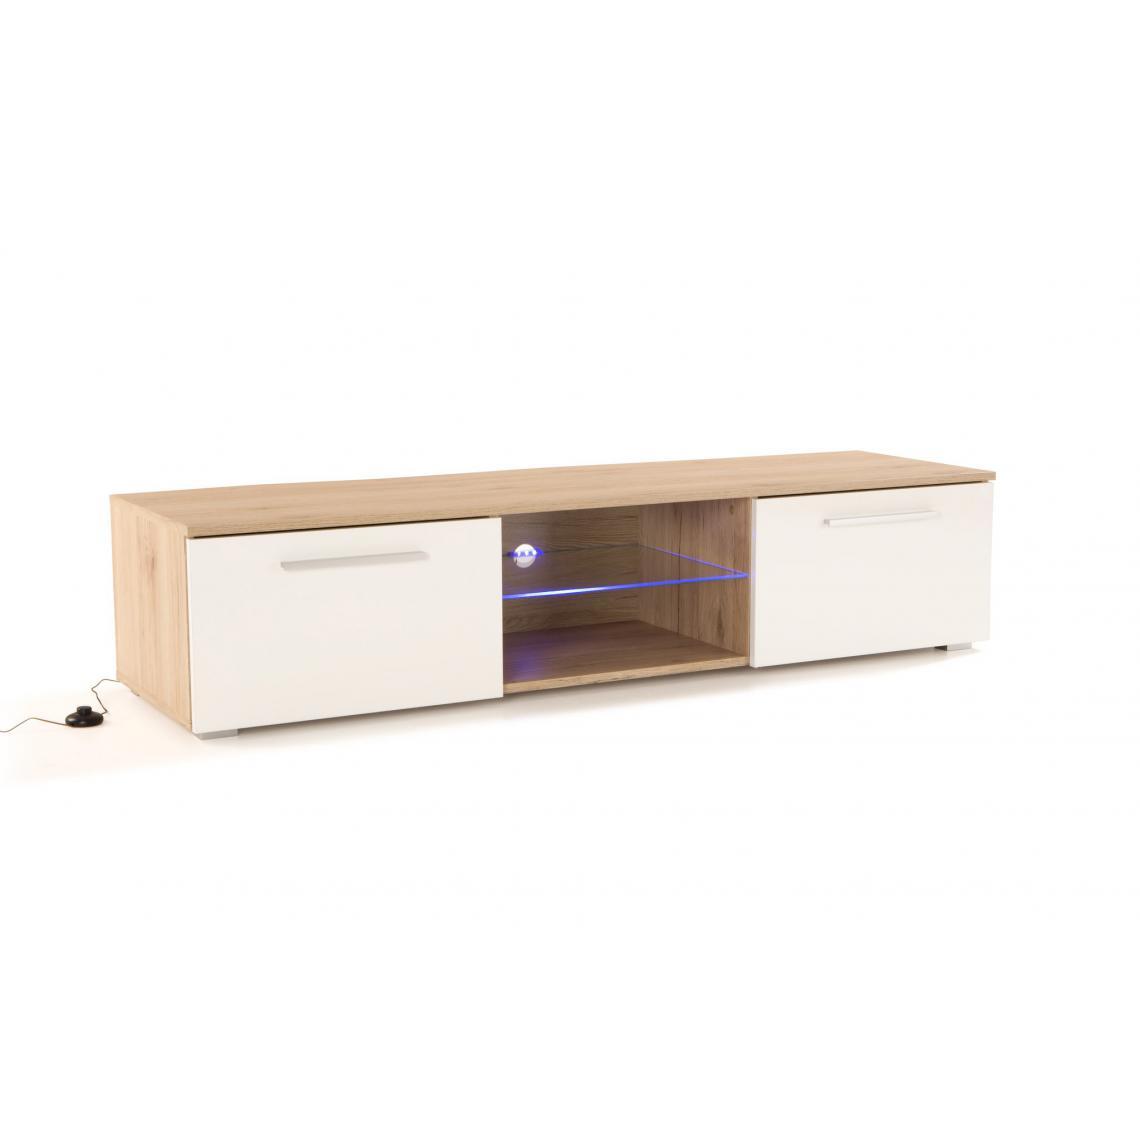 Meuble Tv Grande Taille meuble tv led intégrée chêne naturel blanc satory plus de détails